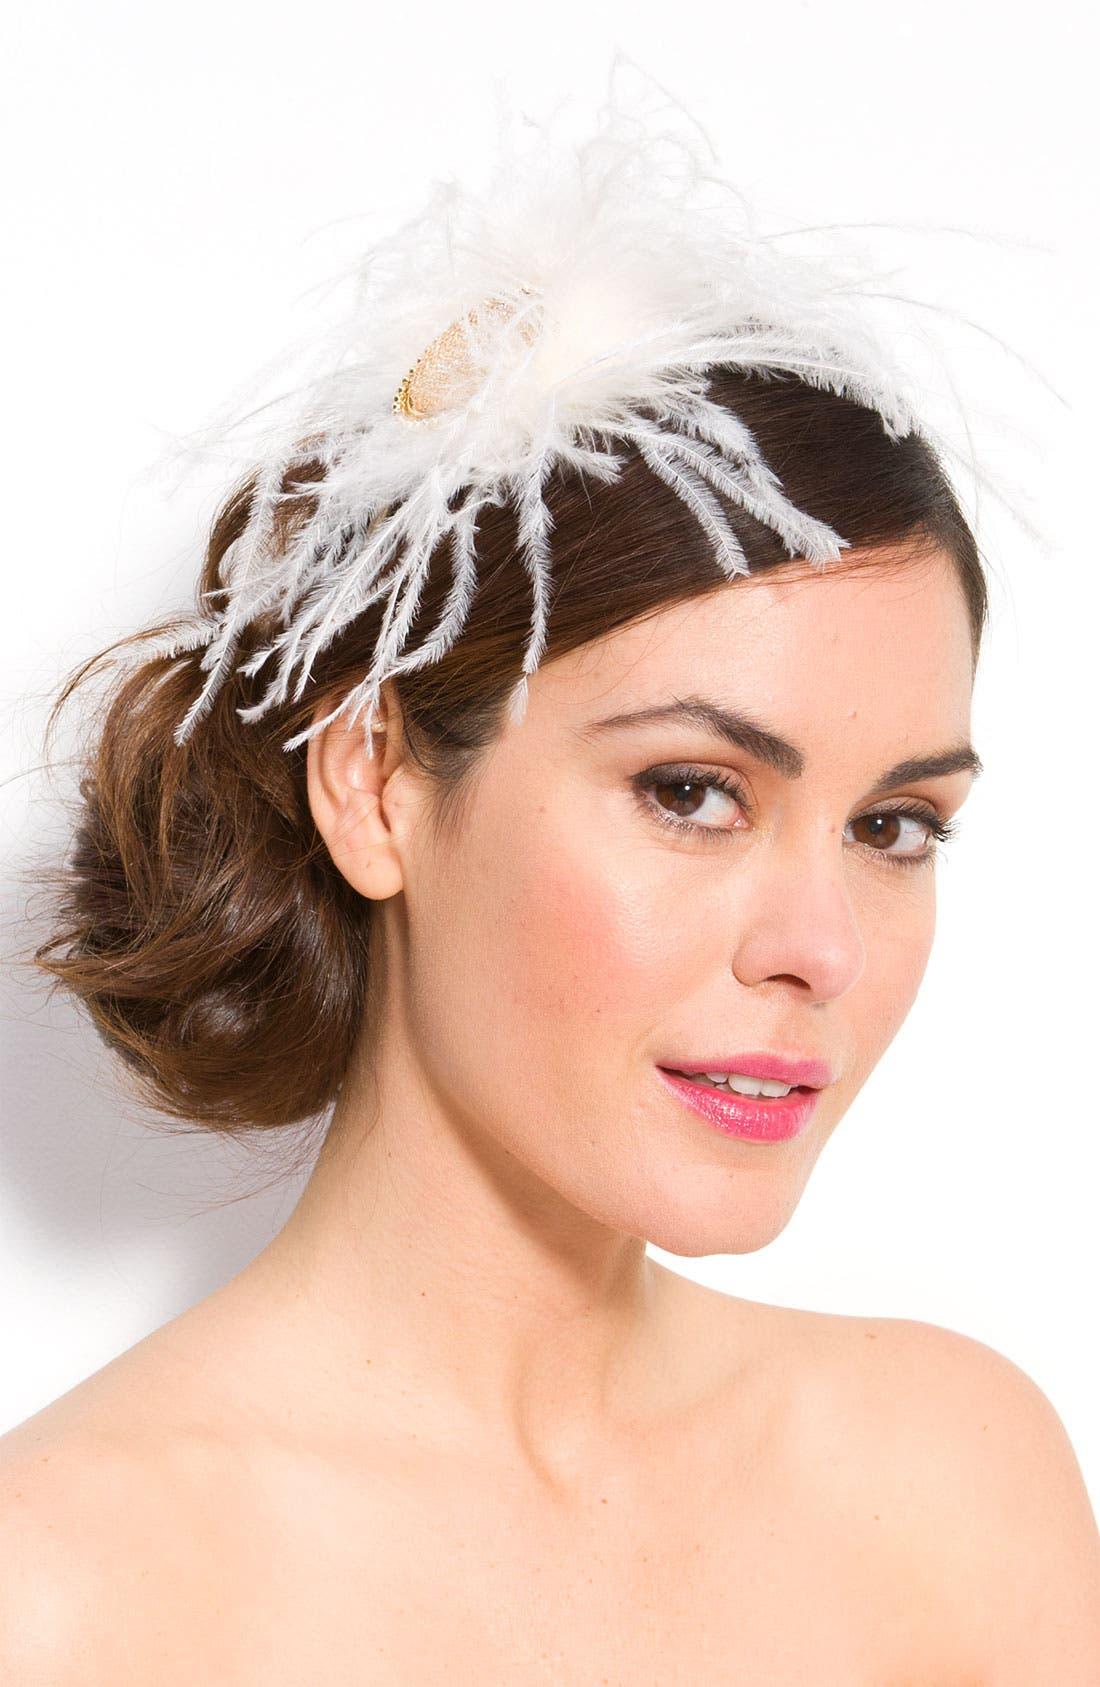 Main Image - Tasha 'Fancy Frock' Feather Fascinator Headband